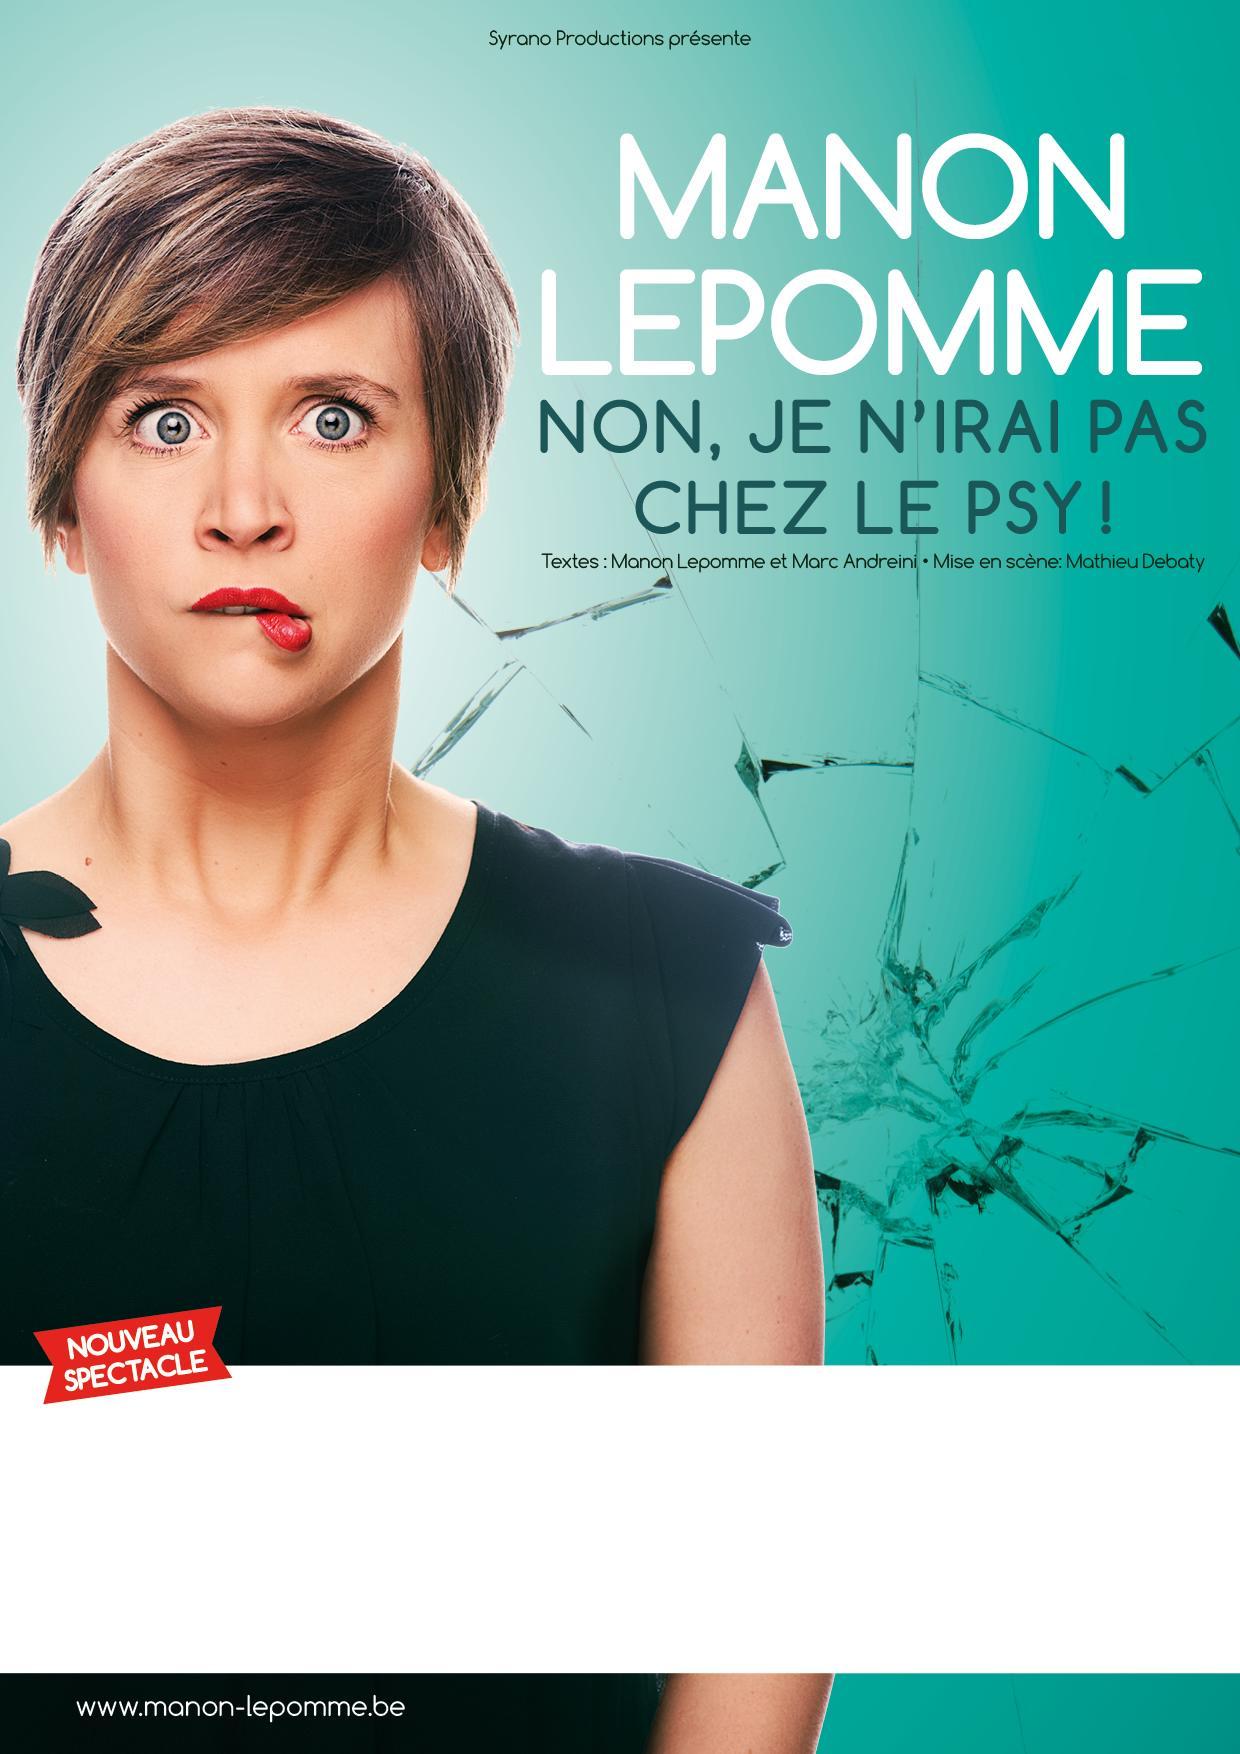 Manon Lepomme Non je n'irais pas chez le psy